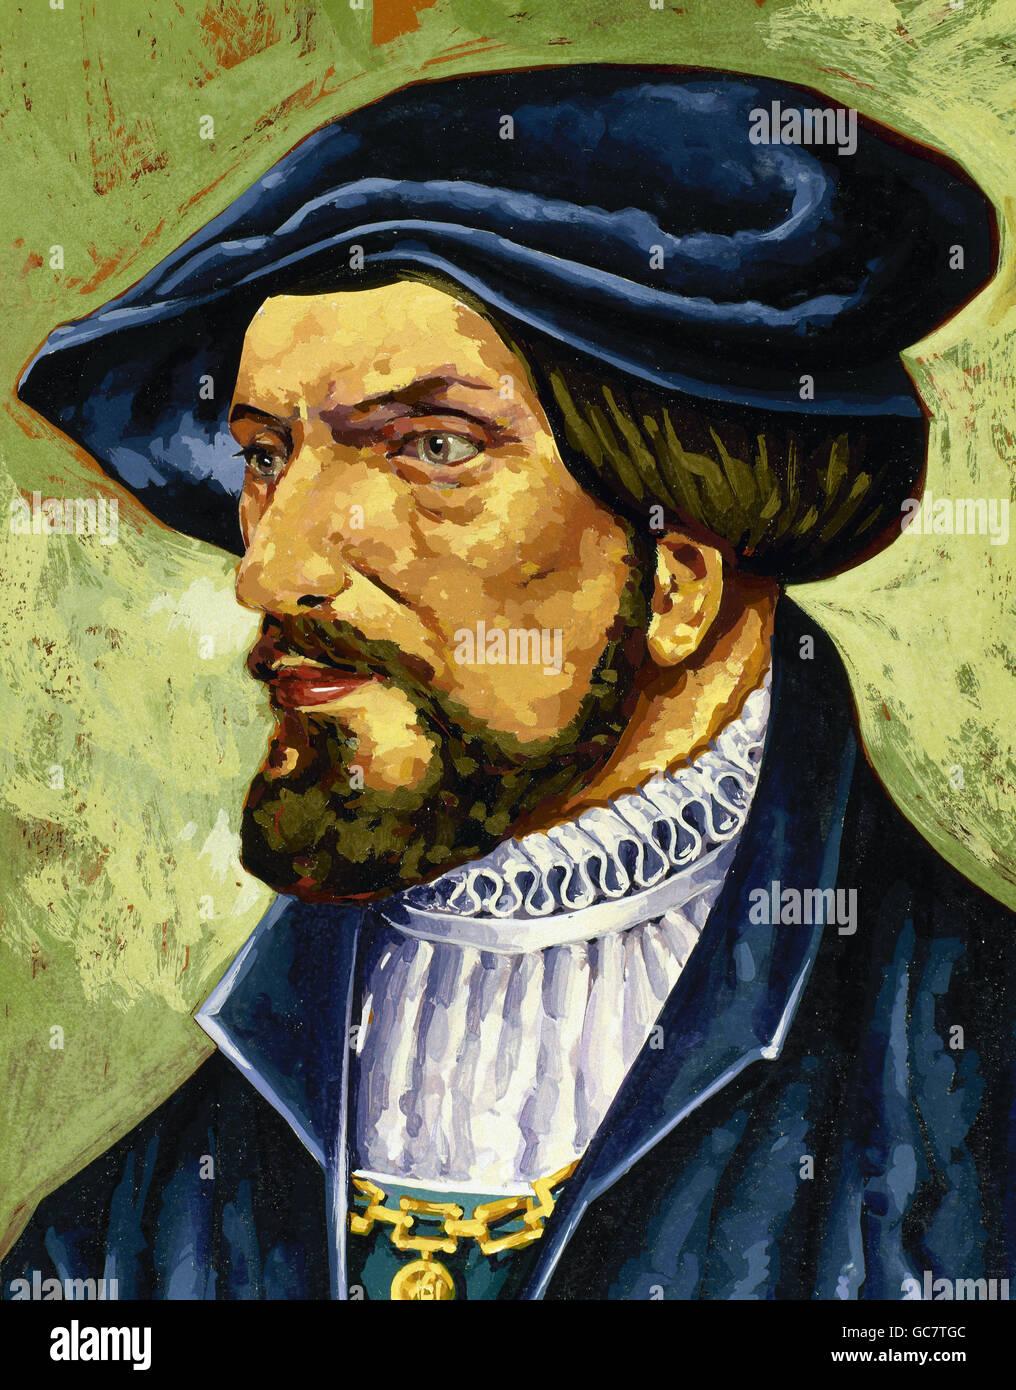 Rodrigo de Bastidas (1445-1527). Spanish sailor and conqueror. Watercolor. - Stock Image